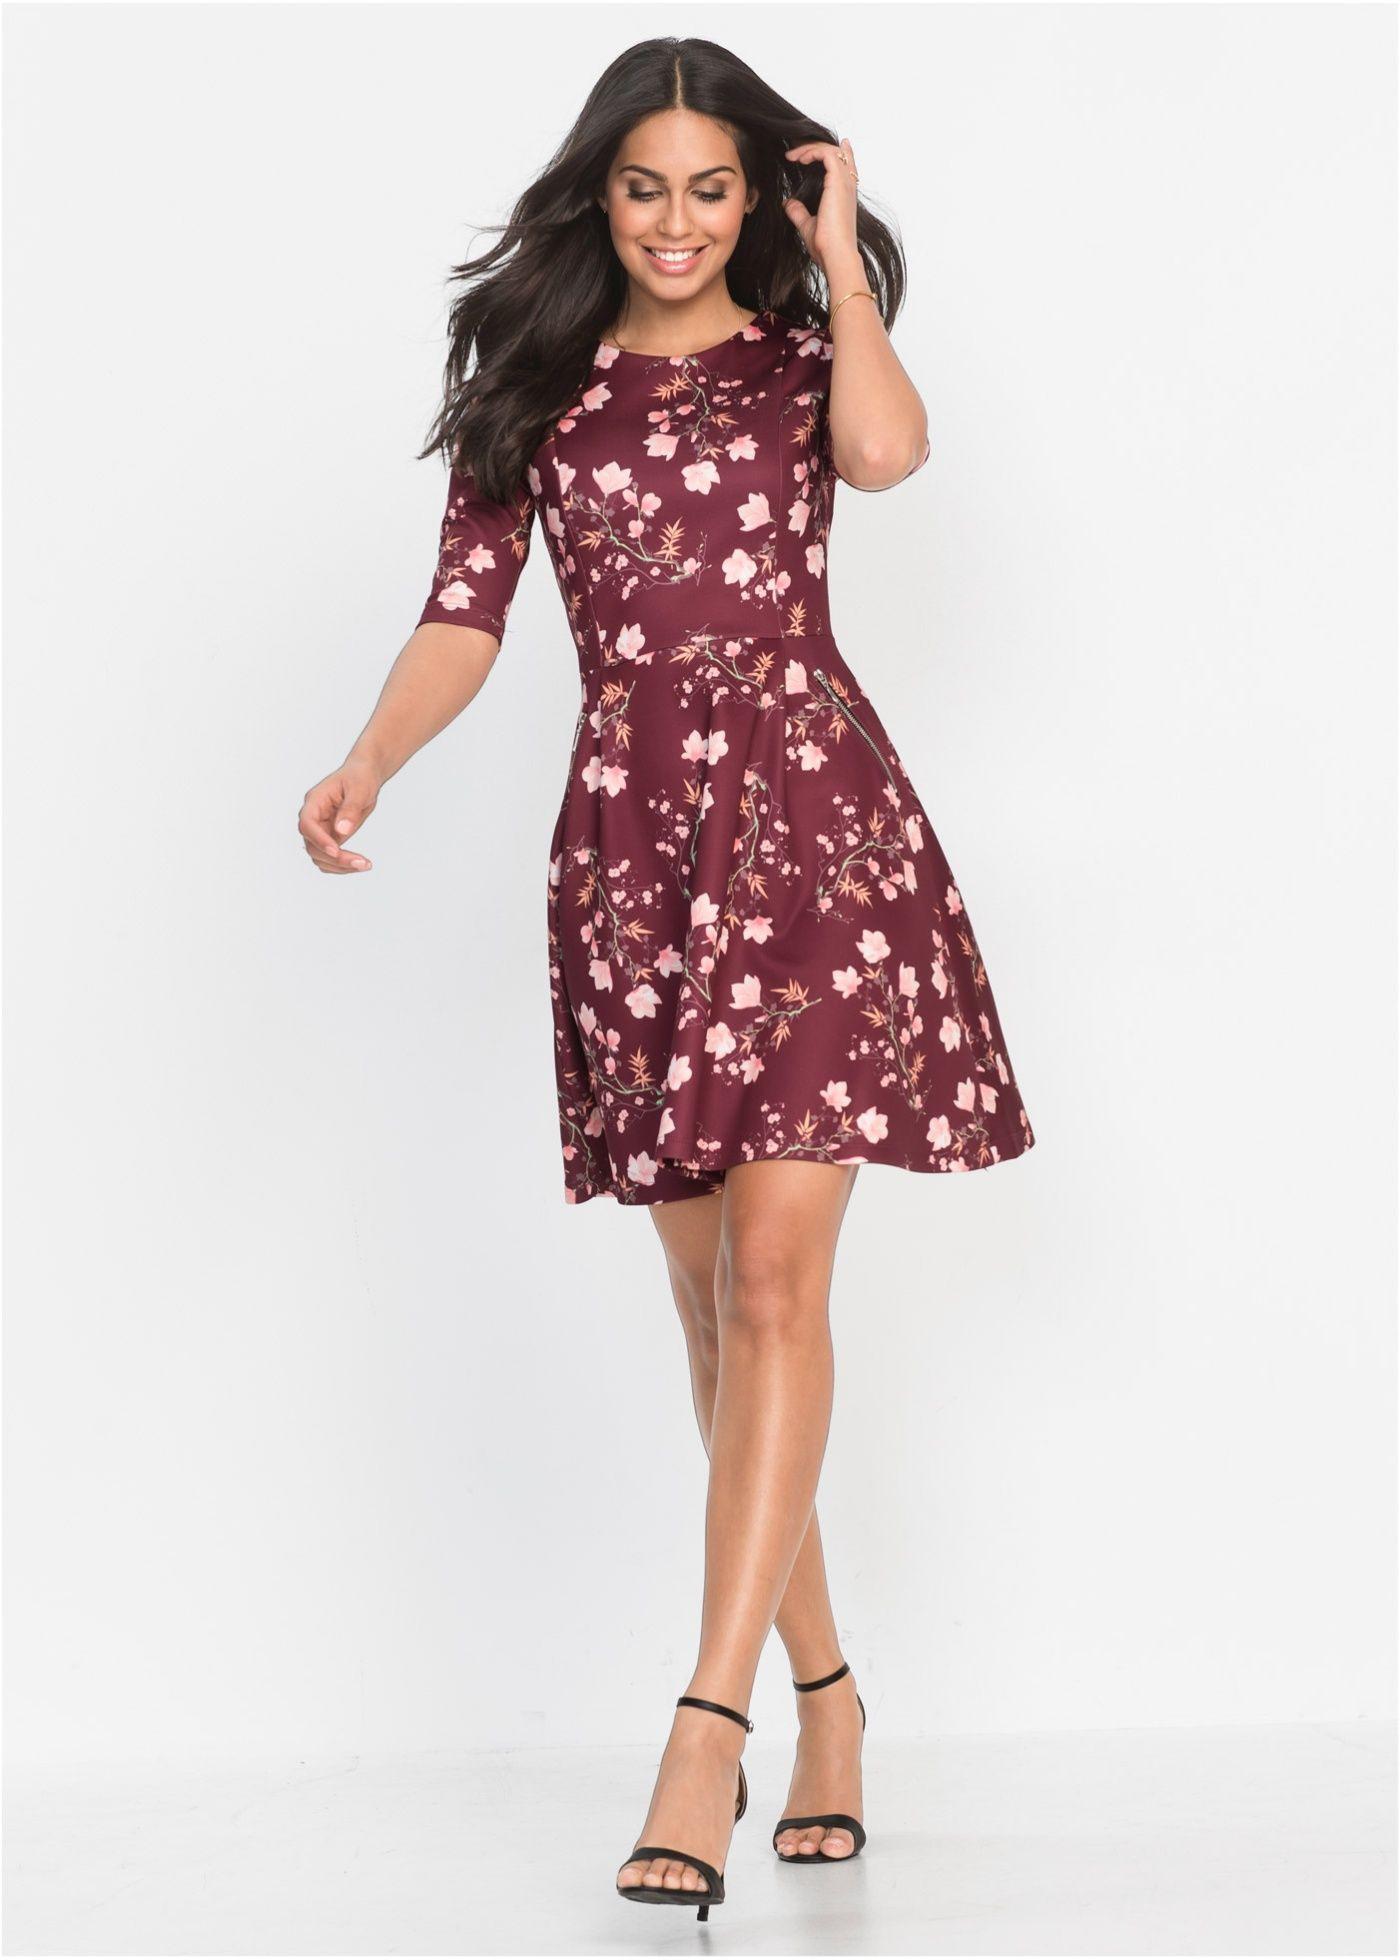 Scubakleid  Kleider Kleid Mit Ärmel Modestil